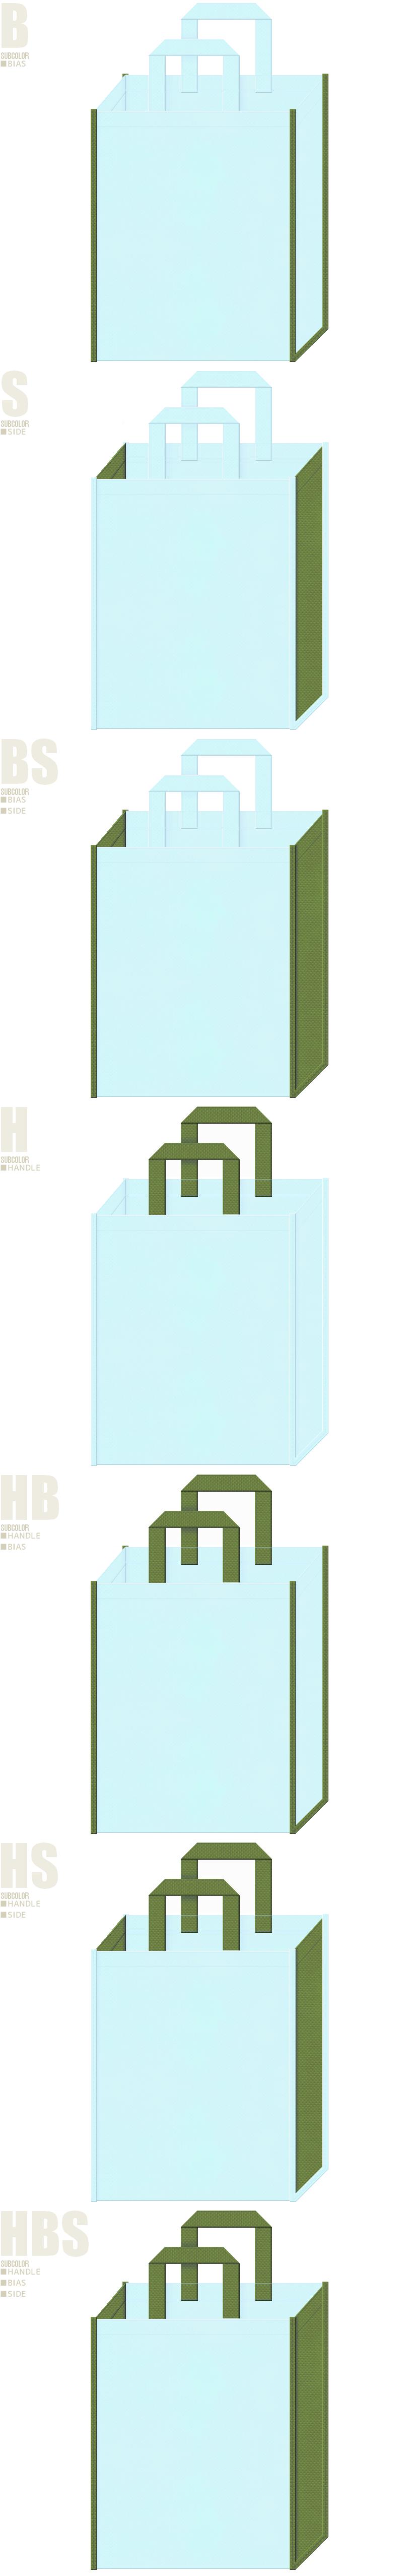 ビオトープ・ウォーターガーデン用品の展示会用バッグにお奨めの、水色と草色-7パターンの不織布トートバッグ配色デザイン例